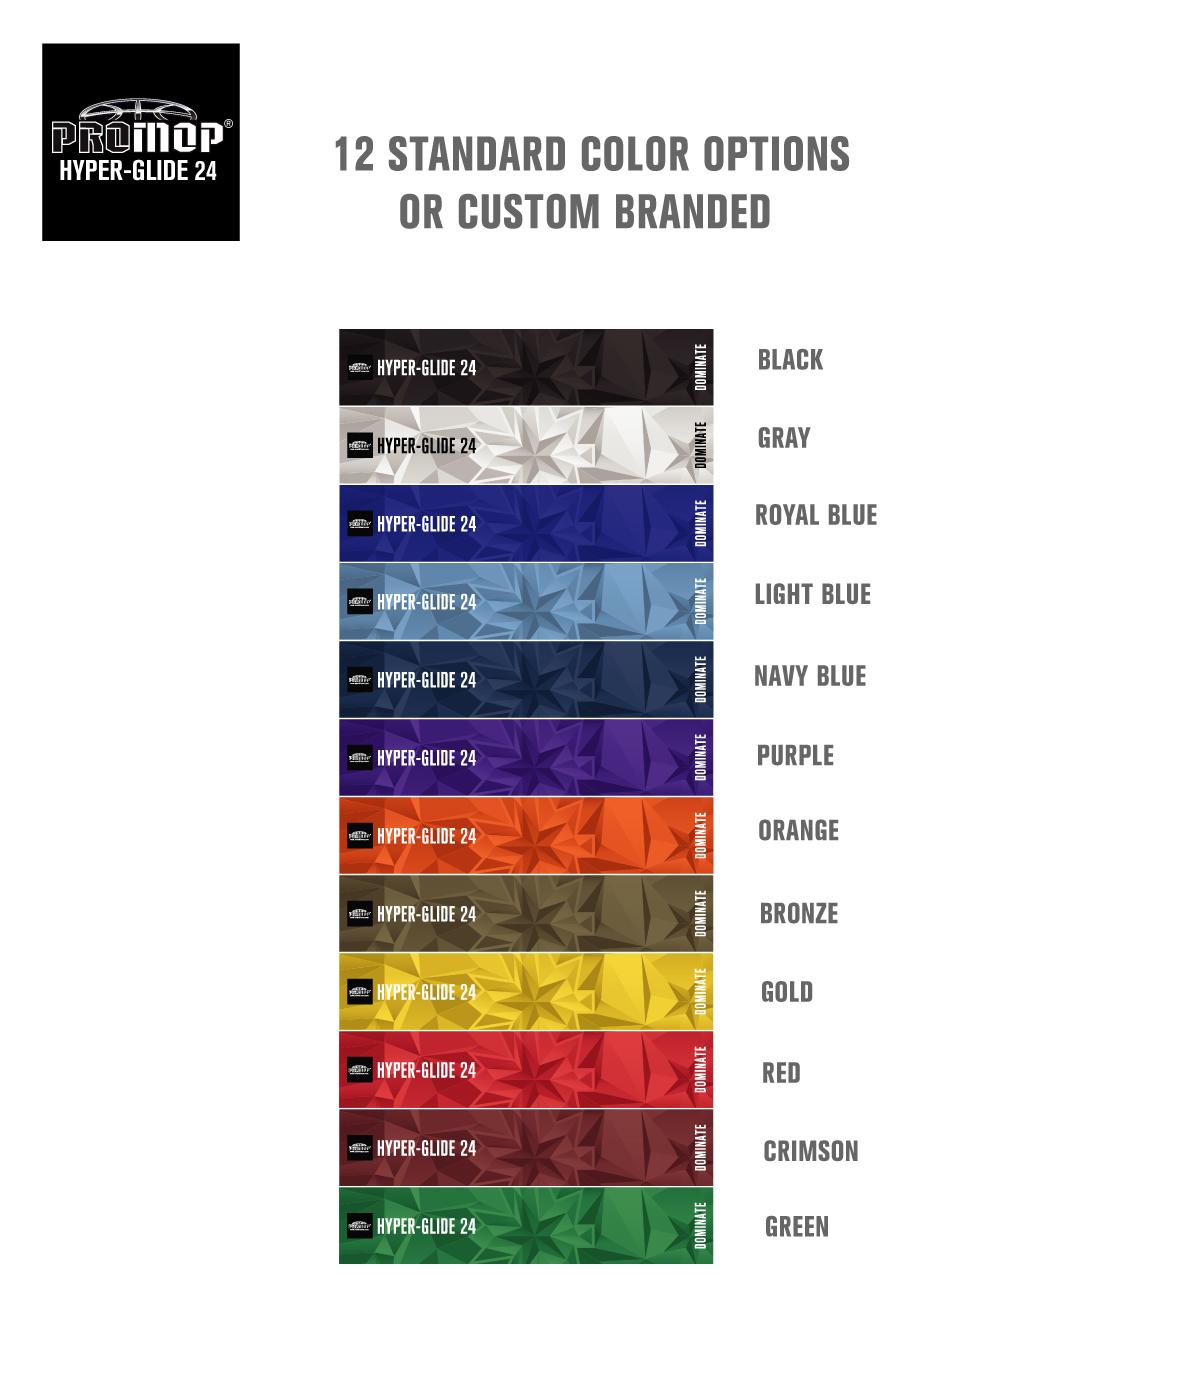 PROMOP HYPER-GLIDE 24 COLOR OPTIONS